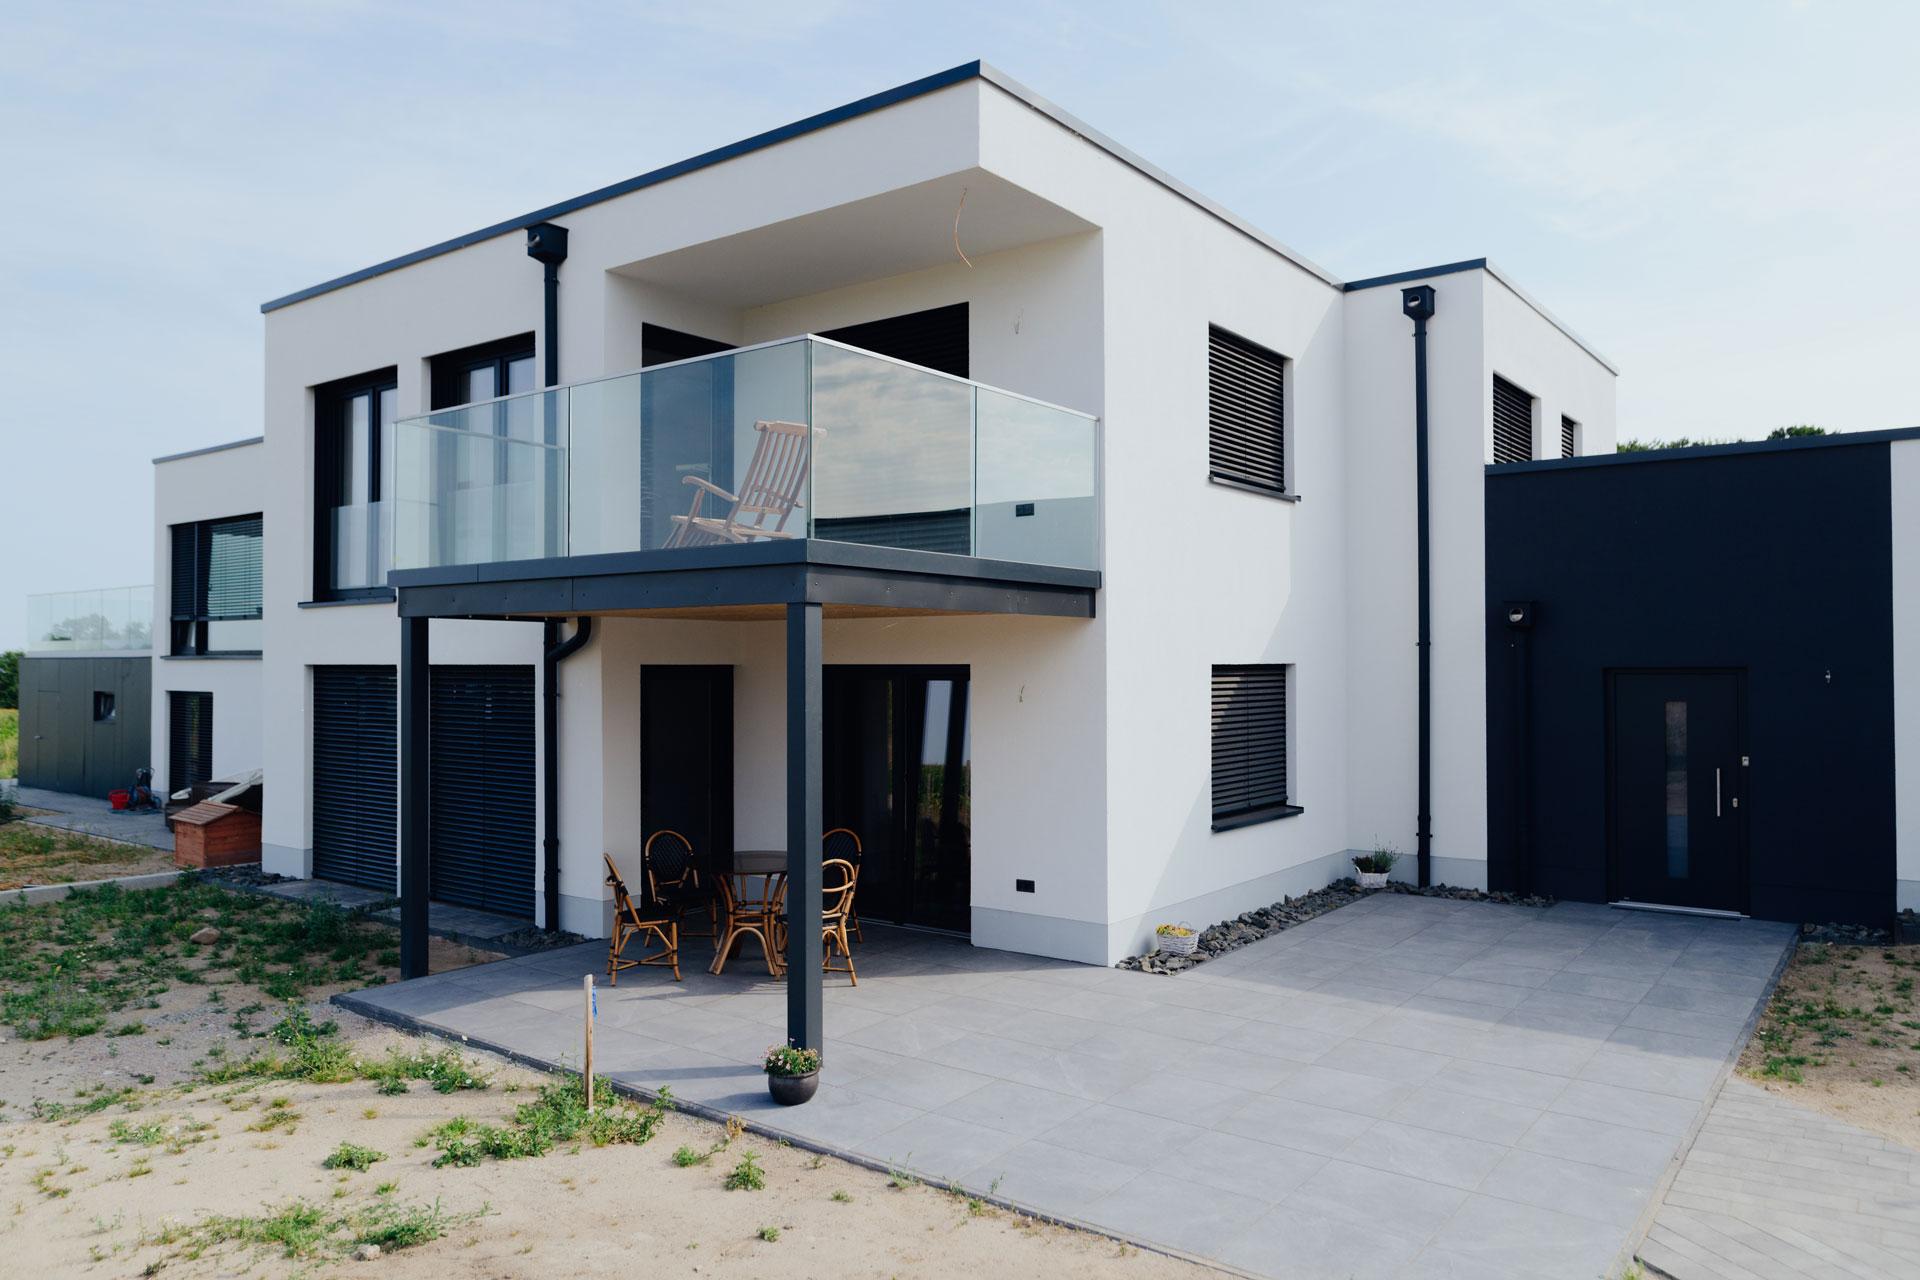 Doppelhaus in Wismar (01) / Nahaufnahme seitlich